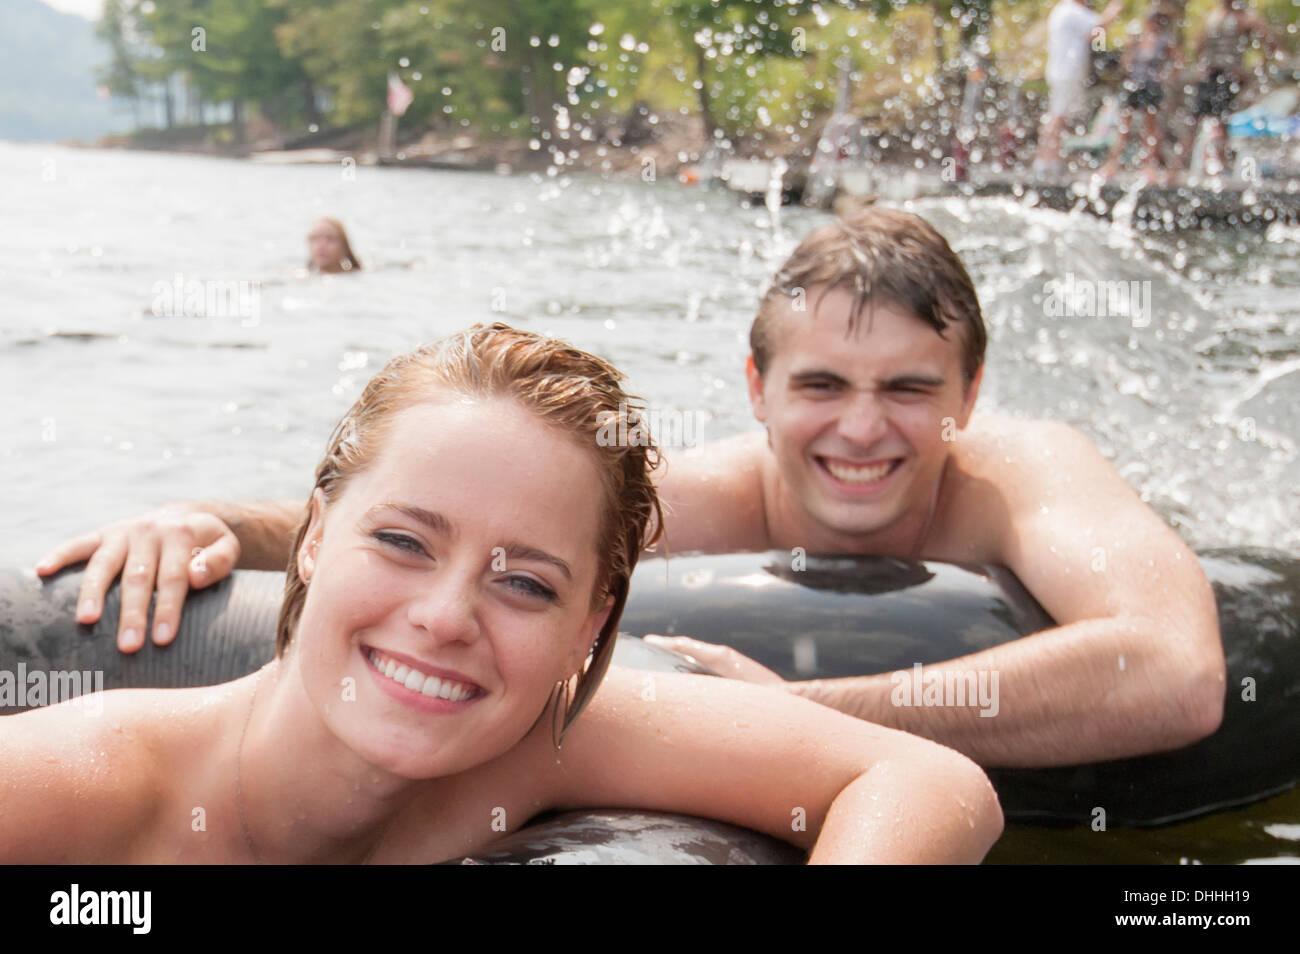 Jeune couple flottant dans les anneaux gonflables Photo Stock